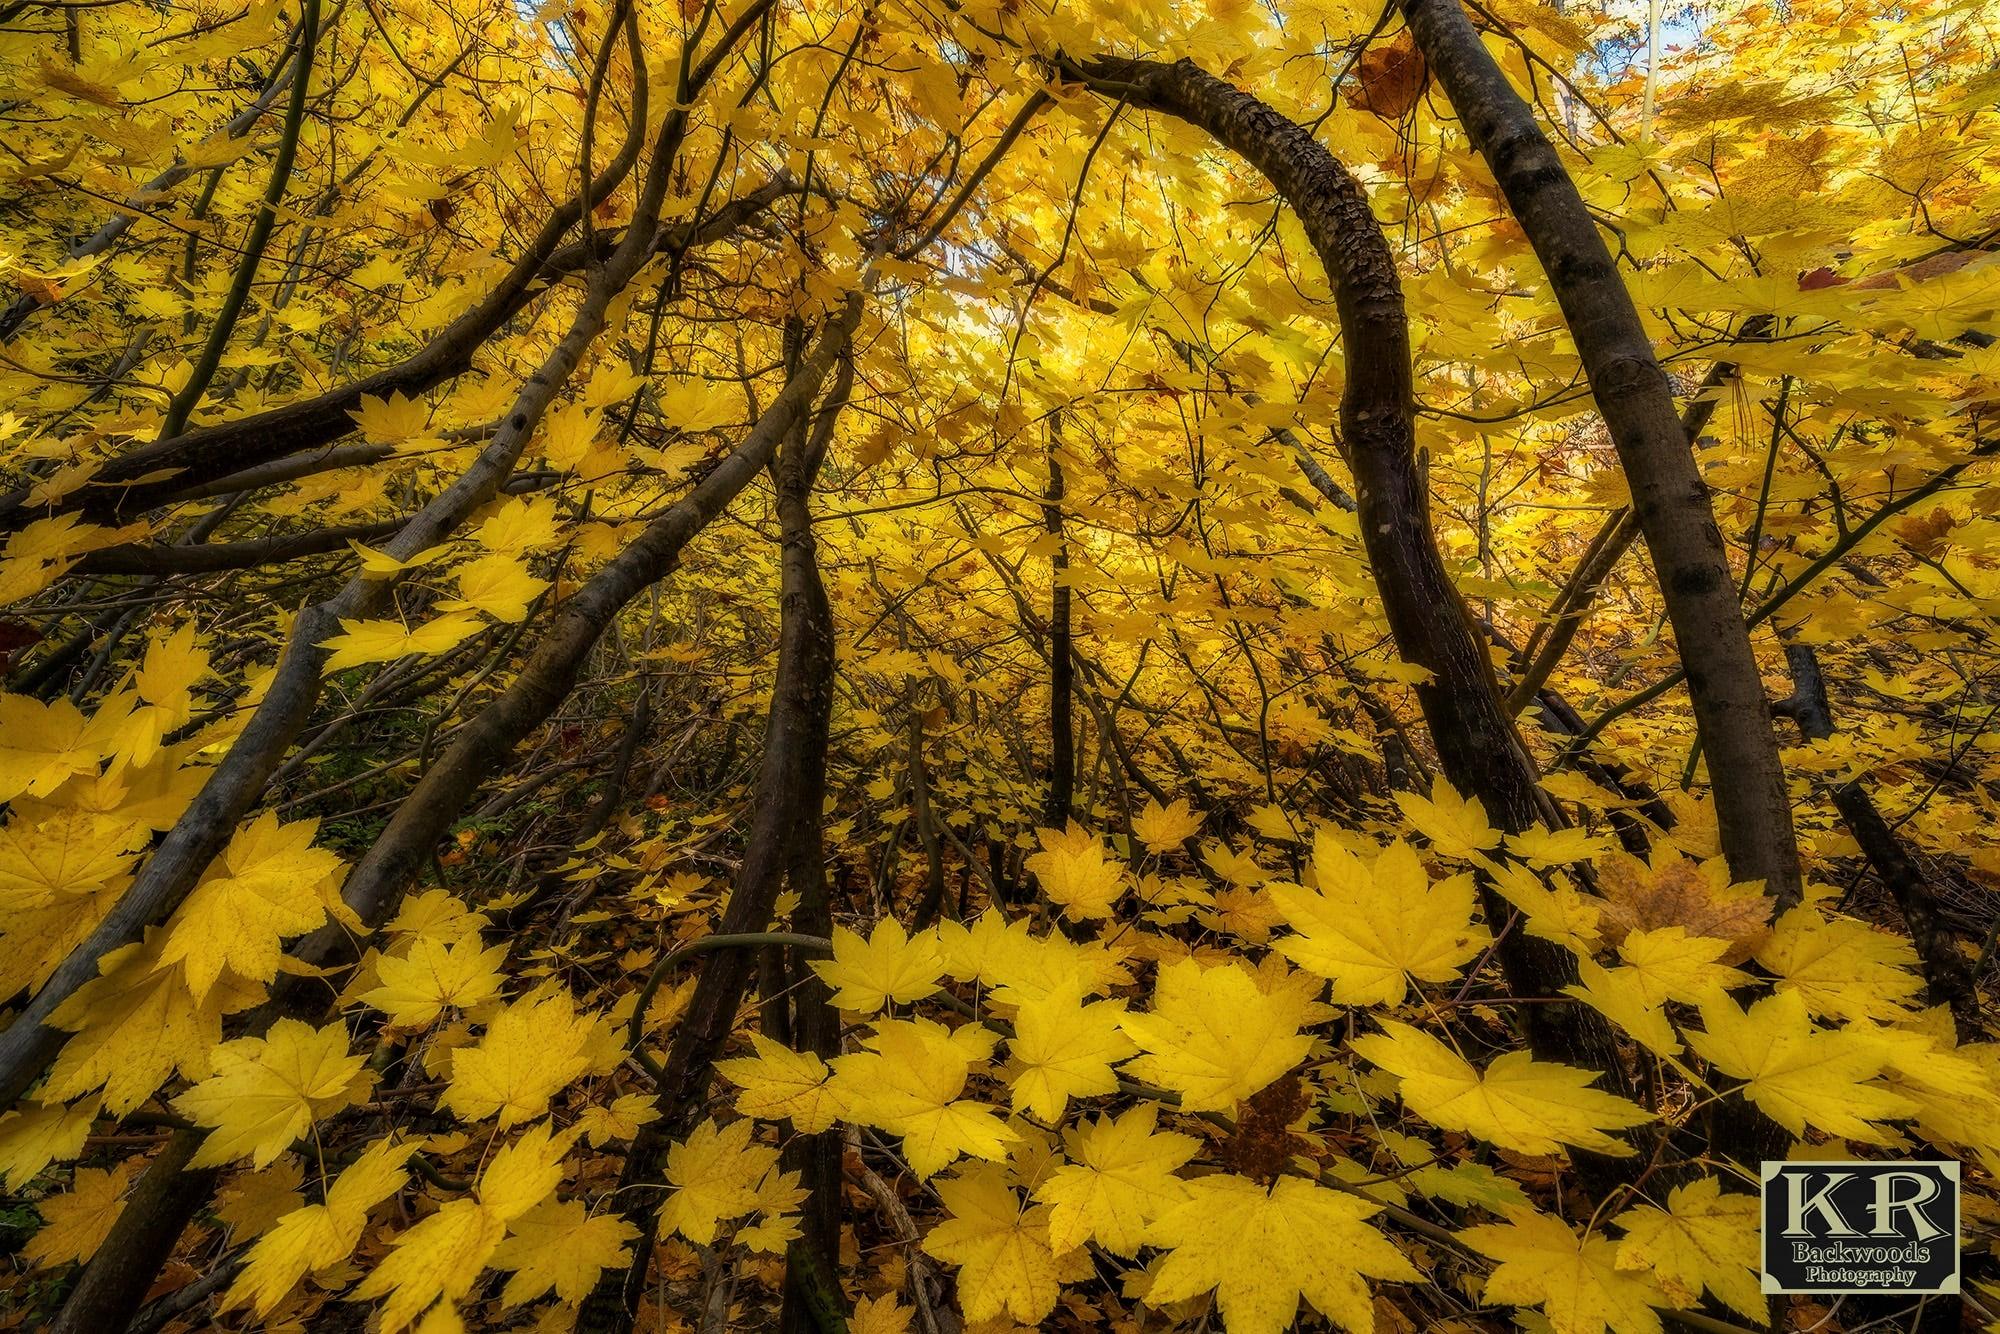 Leaf Fall Branch Foliage 2000x1334